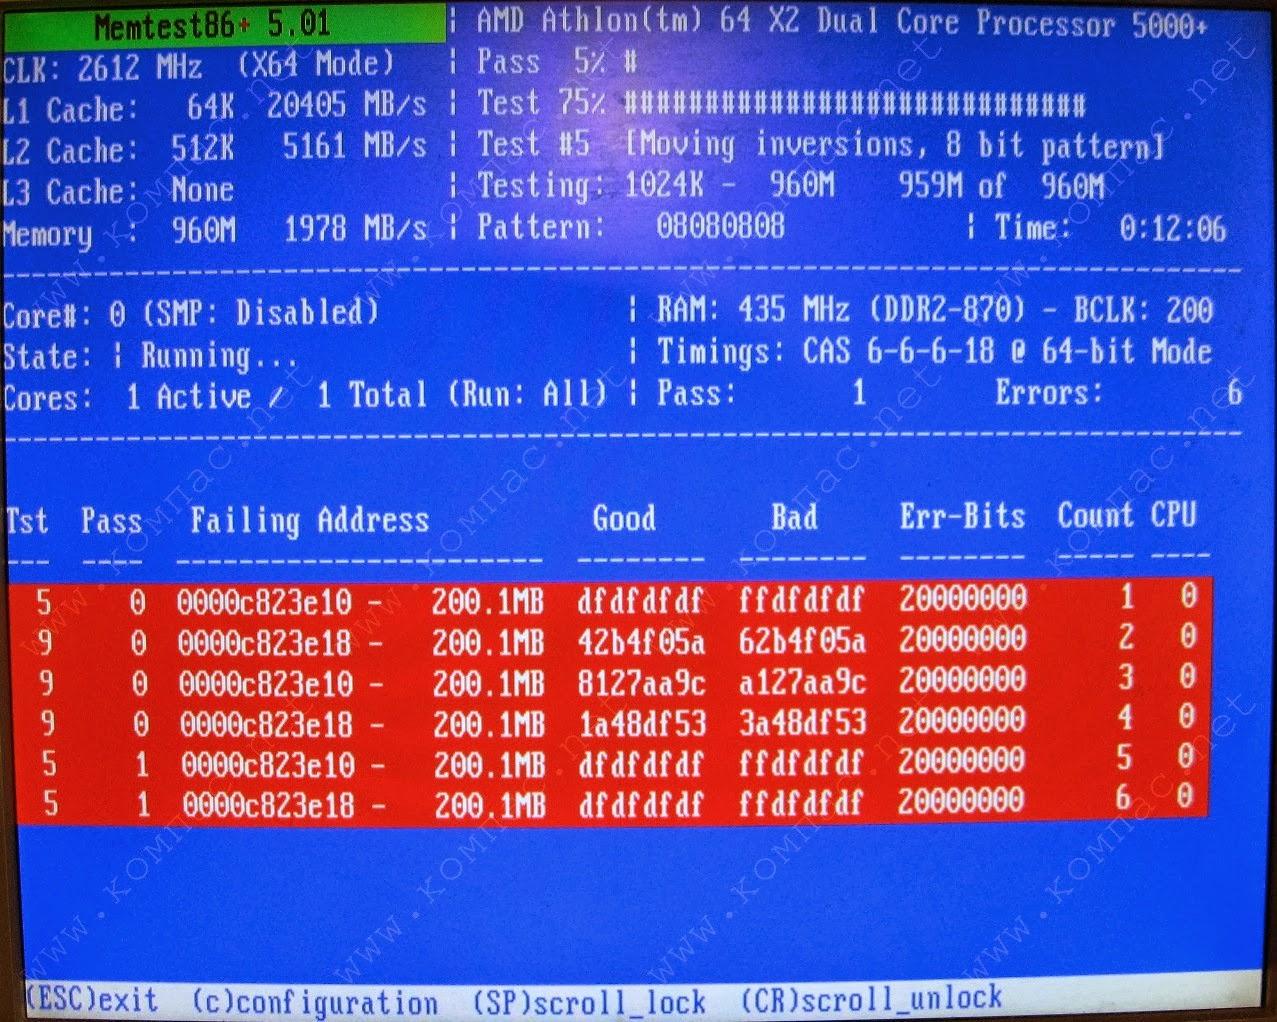 Ultimate Boot CD v5 : Tester son matériel, modifier une partition, supprimer un mot de passe de session, récupération de données... Memtest86_5.01e